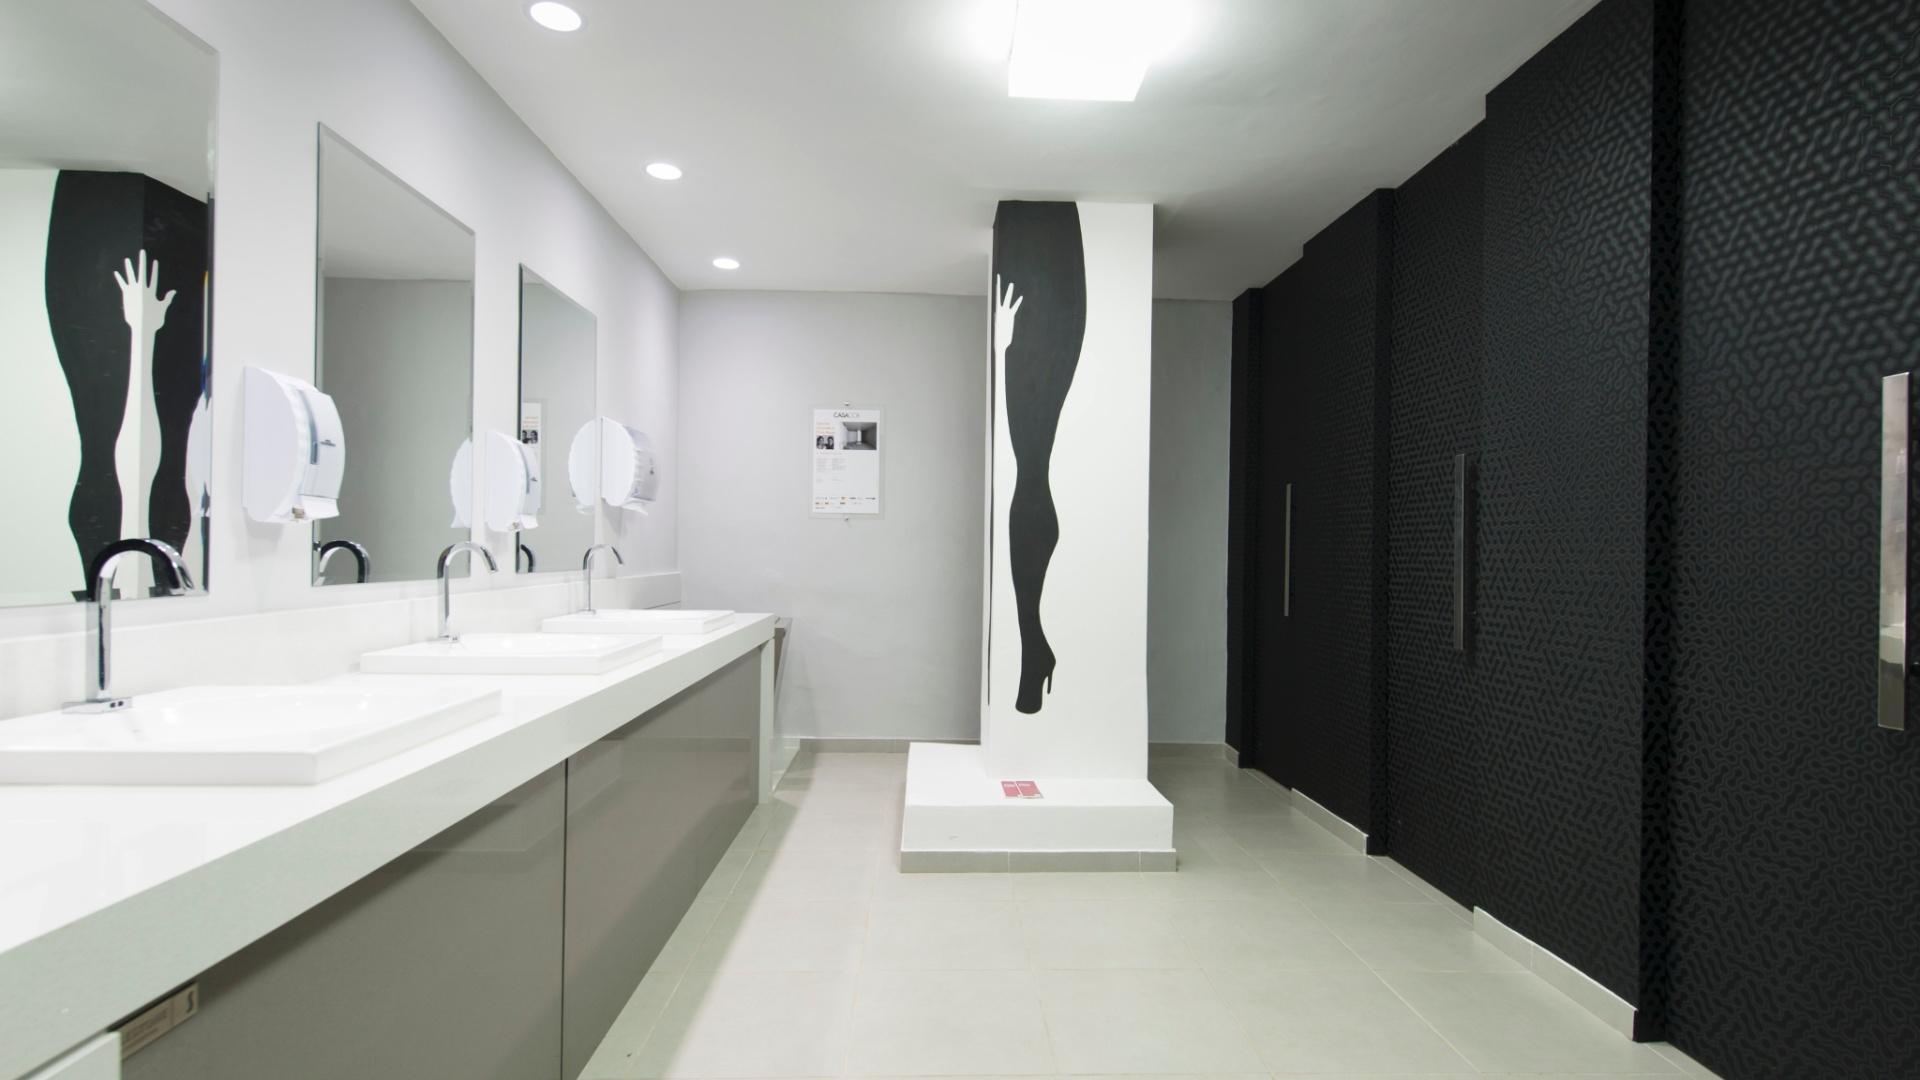 acessorios e o grafite em preto e branco na coluna marcam o banheiro #745F57 1920 1080